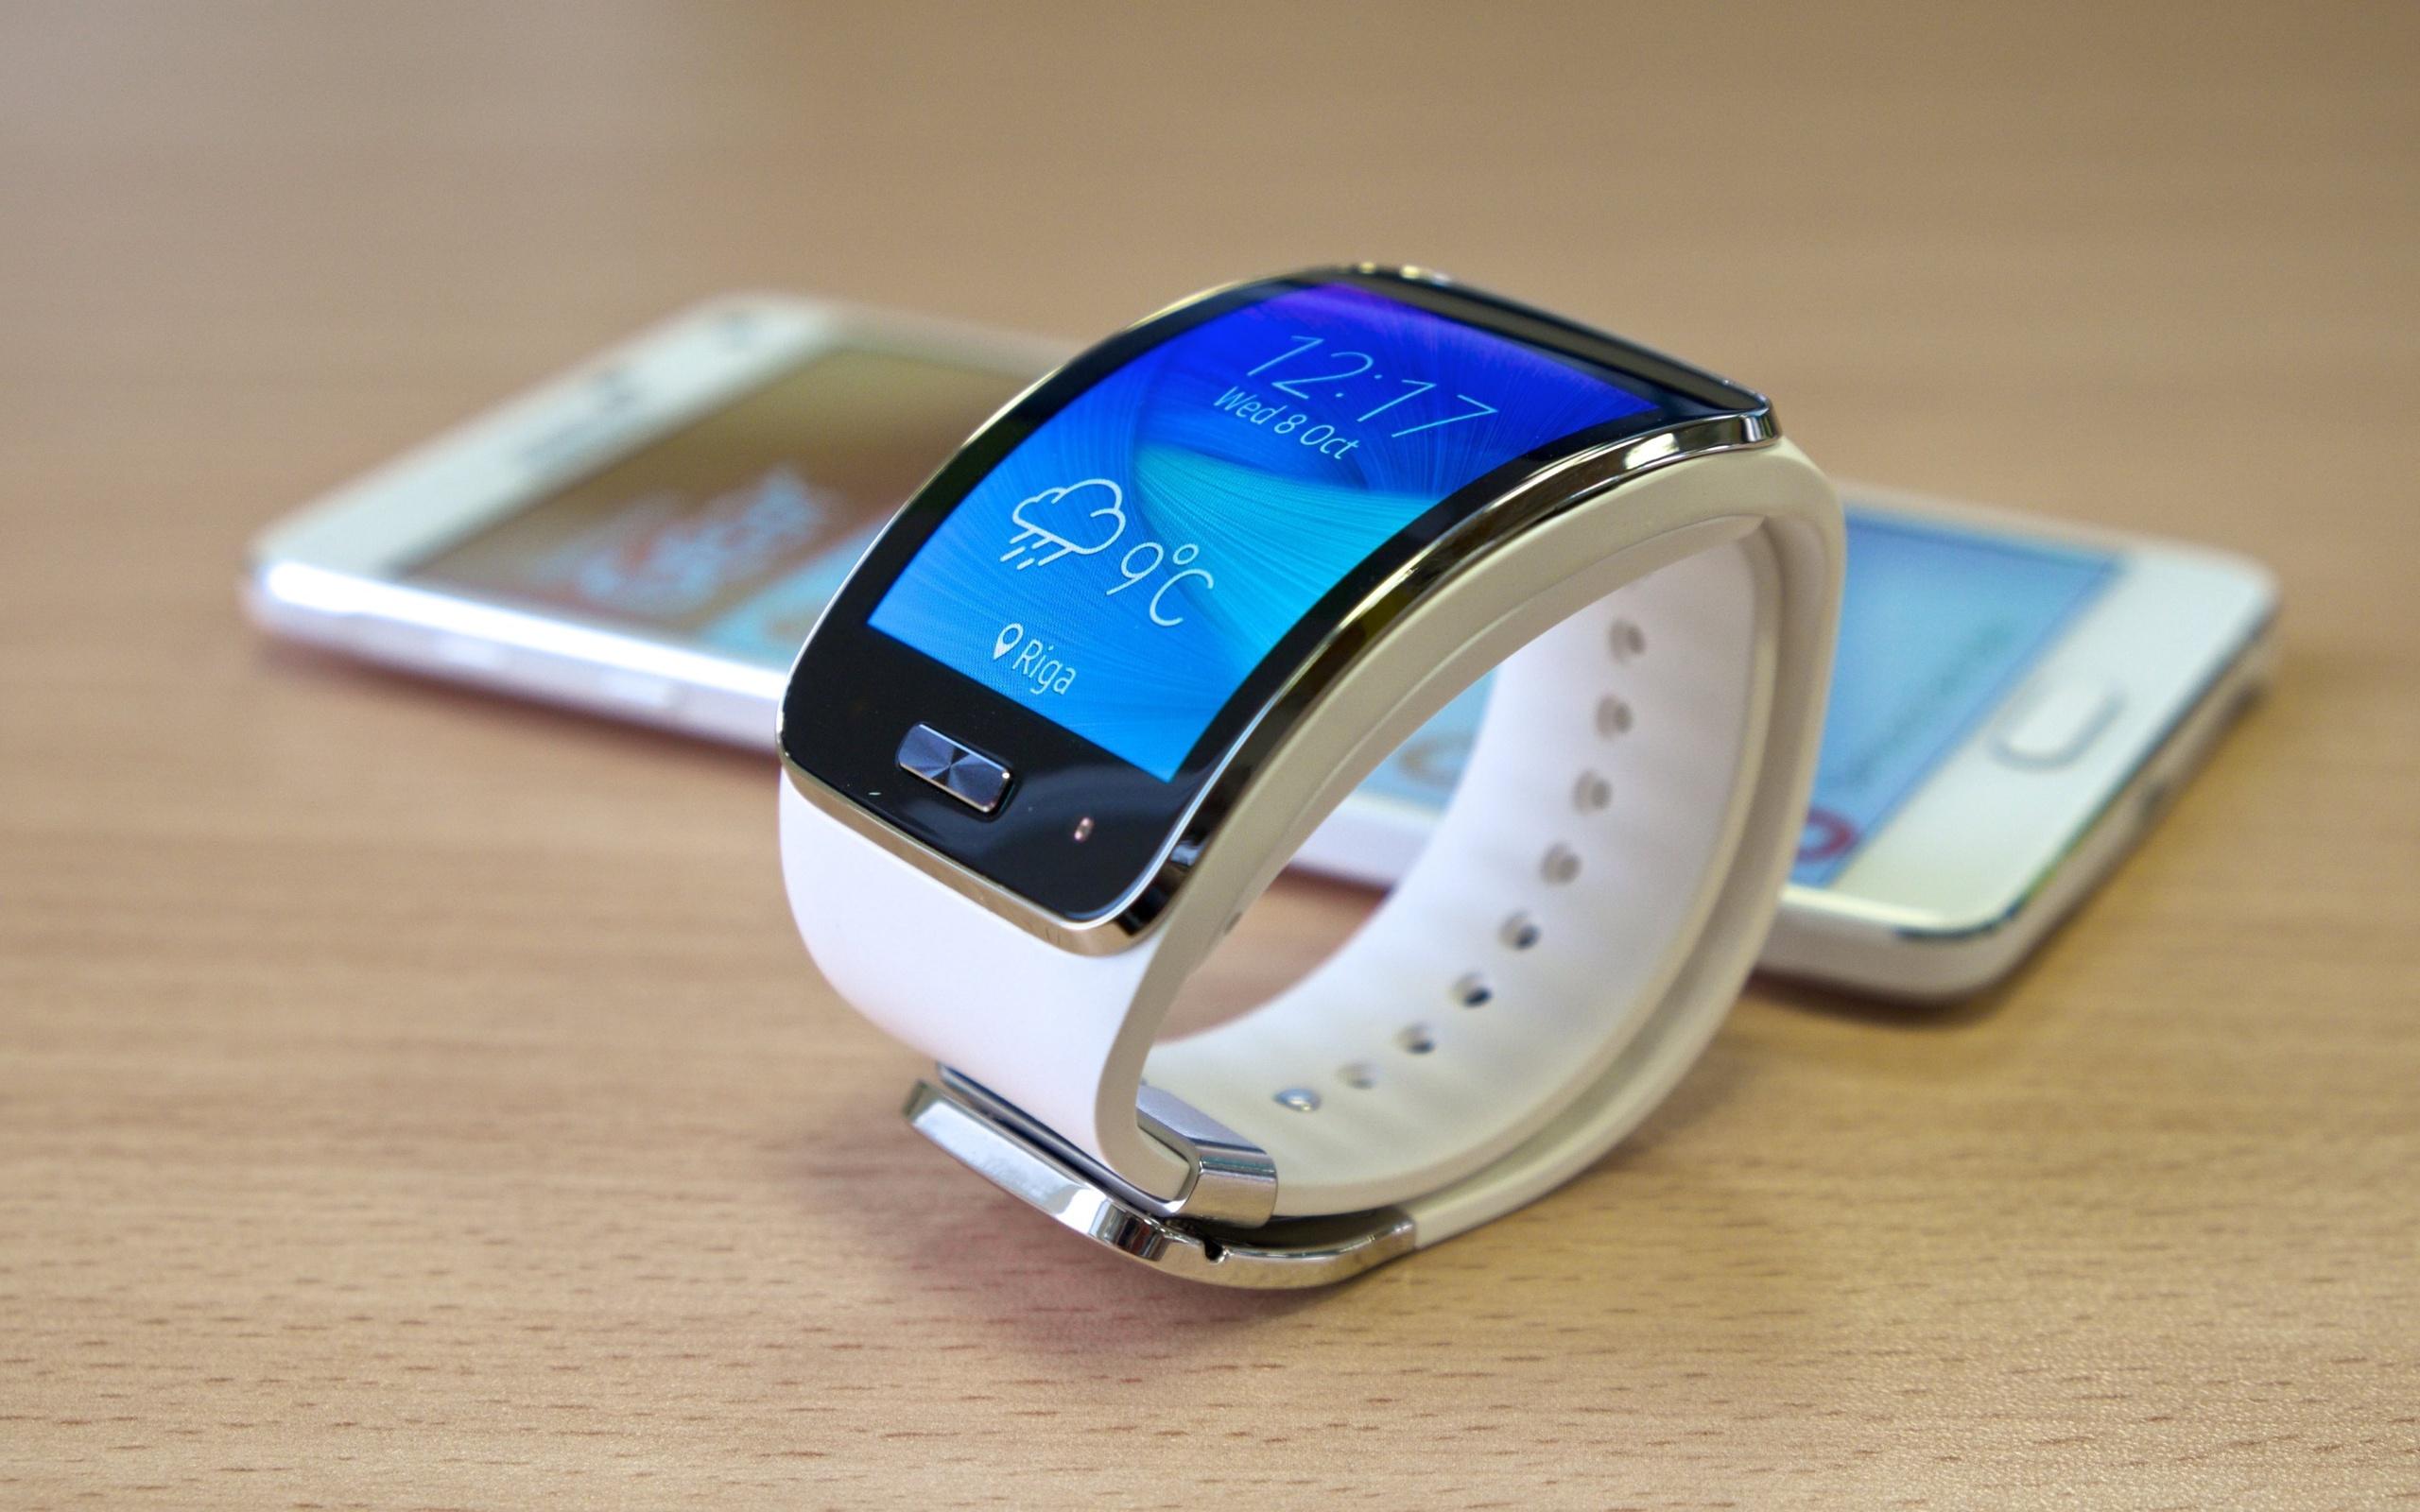 Это новейшие смарт-часы, которые могут управляться посредством голосового помощника.